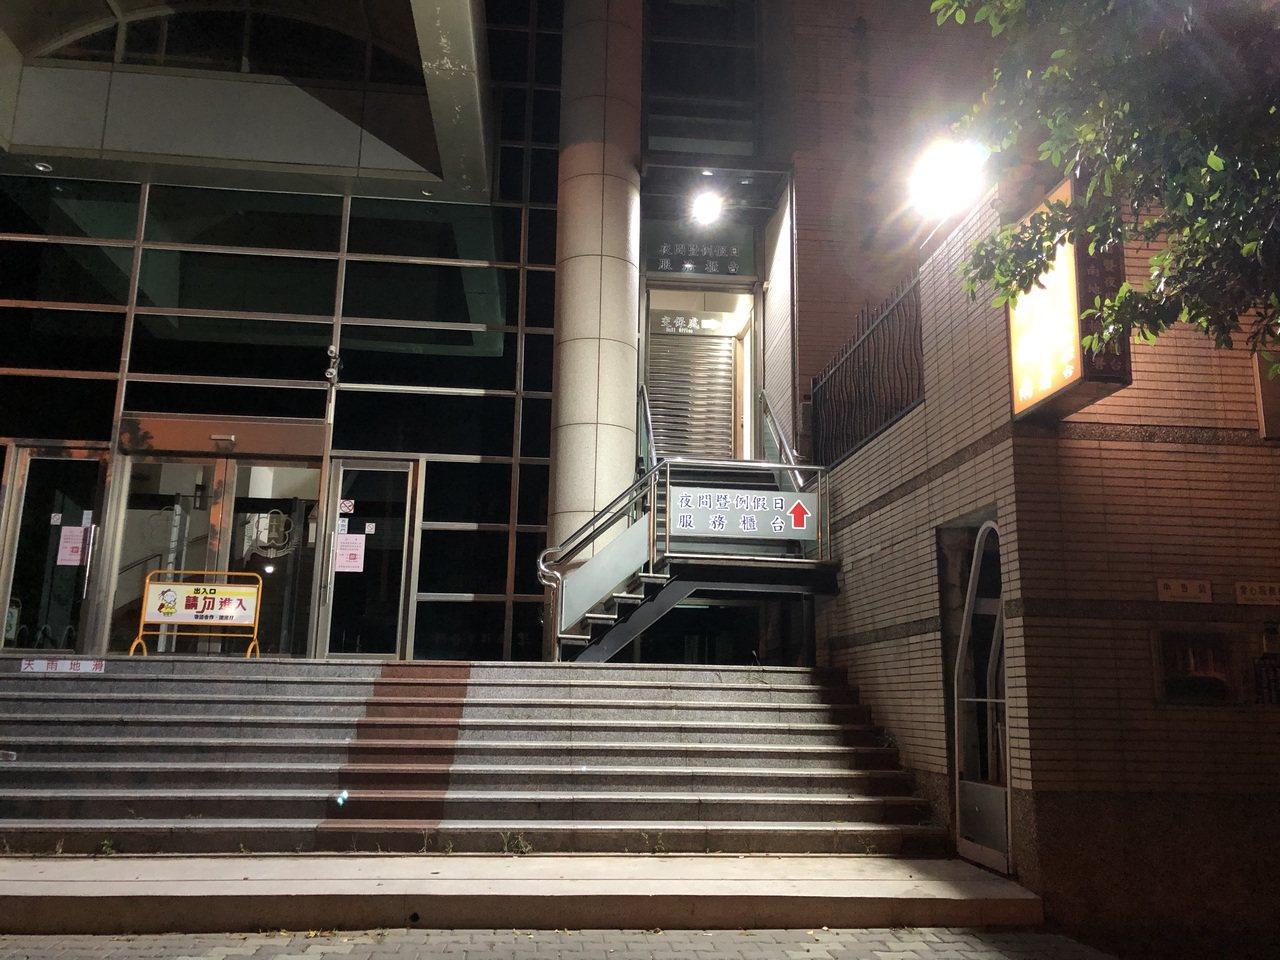 台南檢方指揮市調處及麻豆警方下午傳訊31人,包括3位是協會人員,其餘28位是會員...